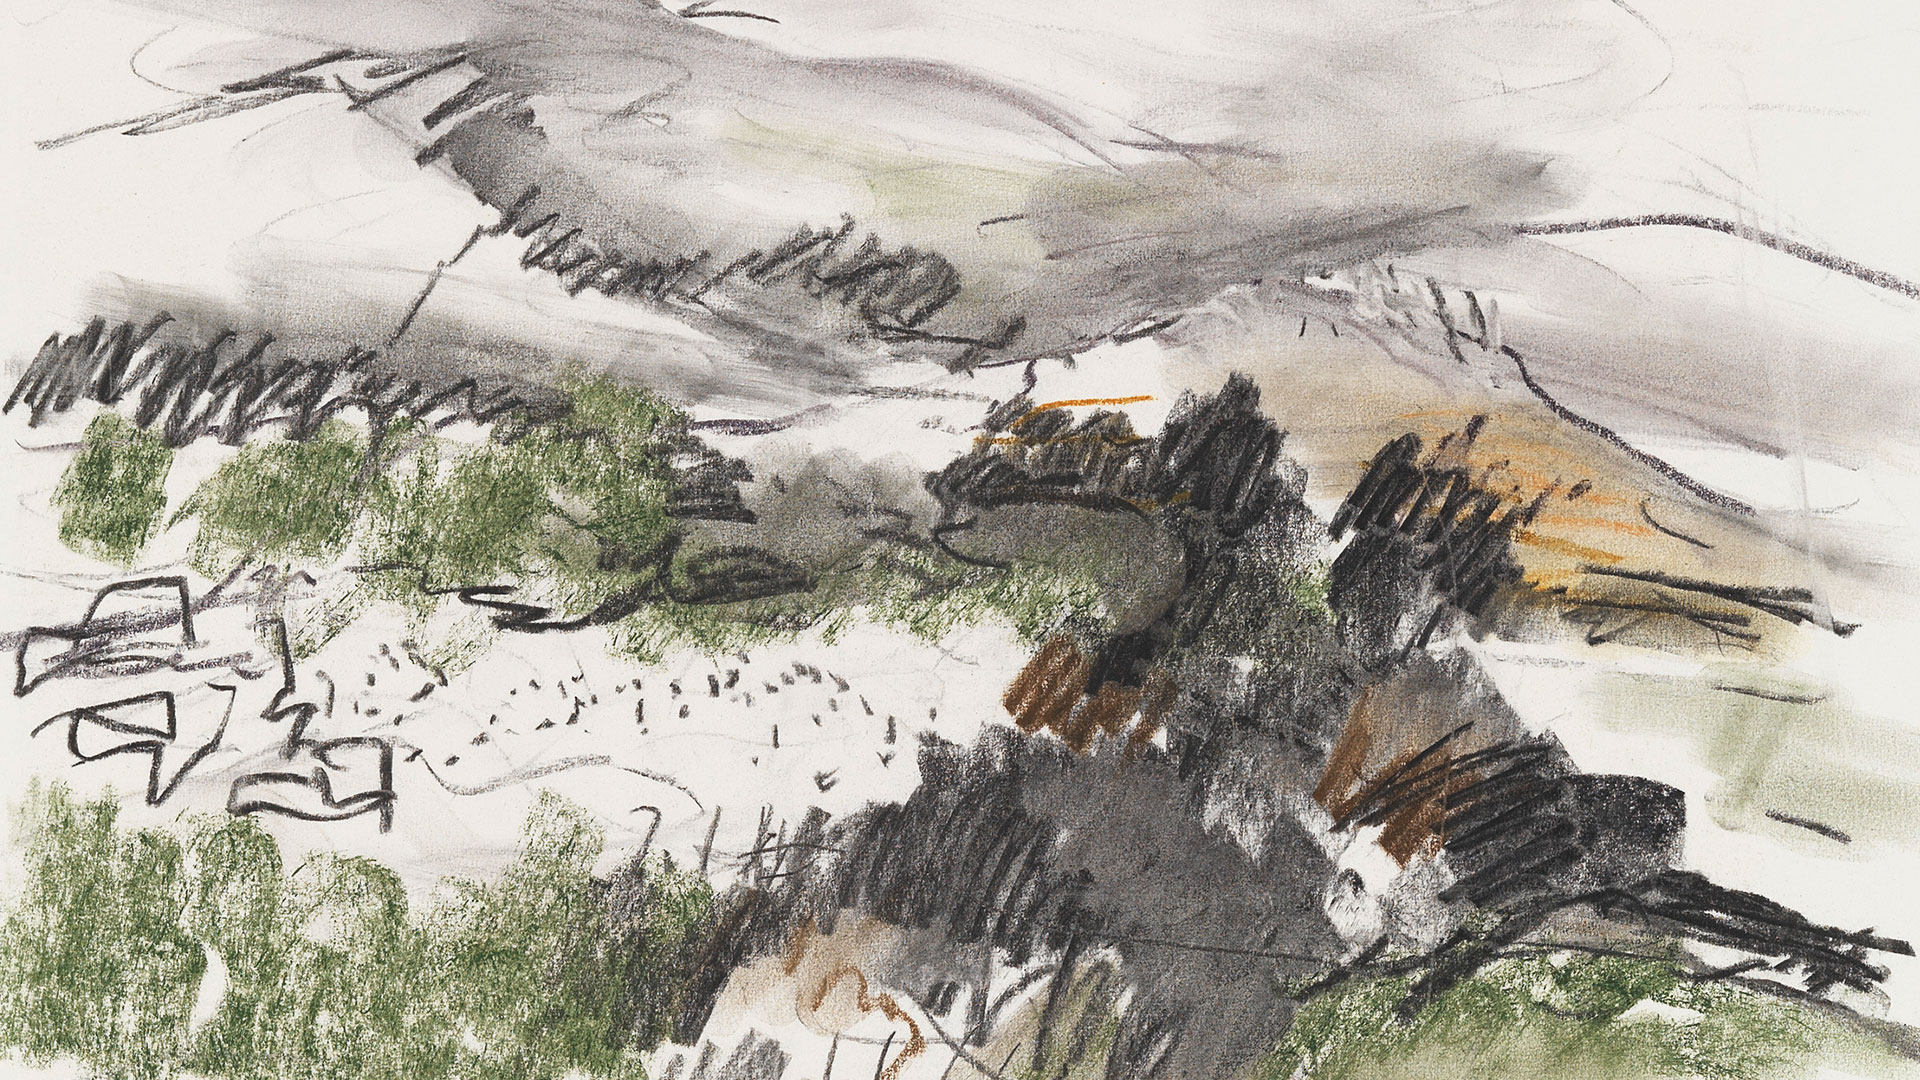 אנה טיכו, מתווה צבעוני, שנות ה-70 פחם ופסטל על נייר